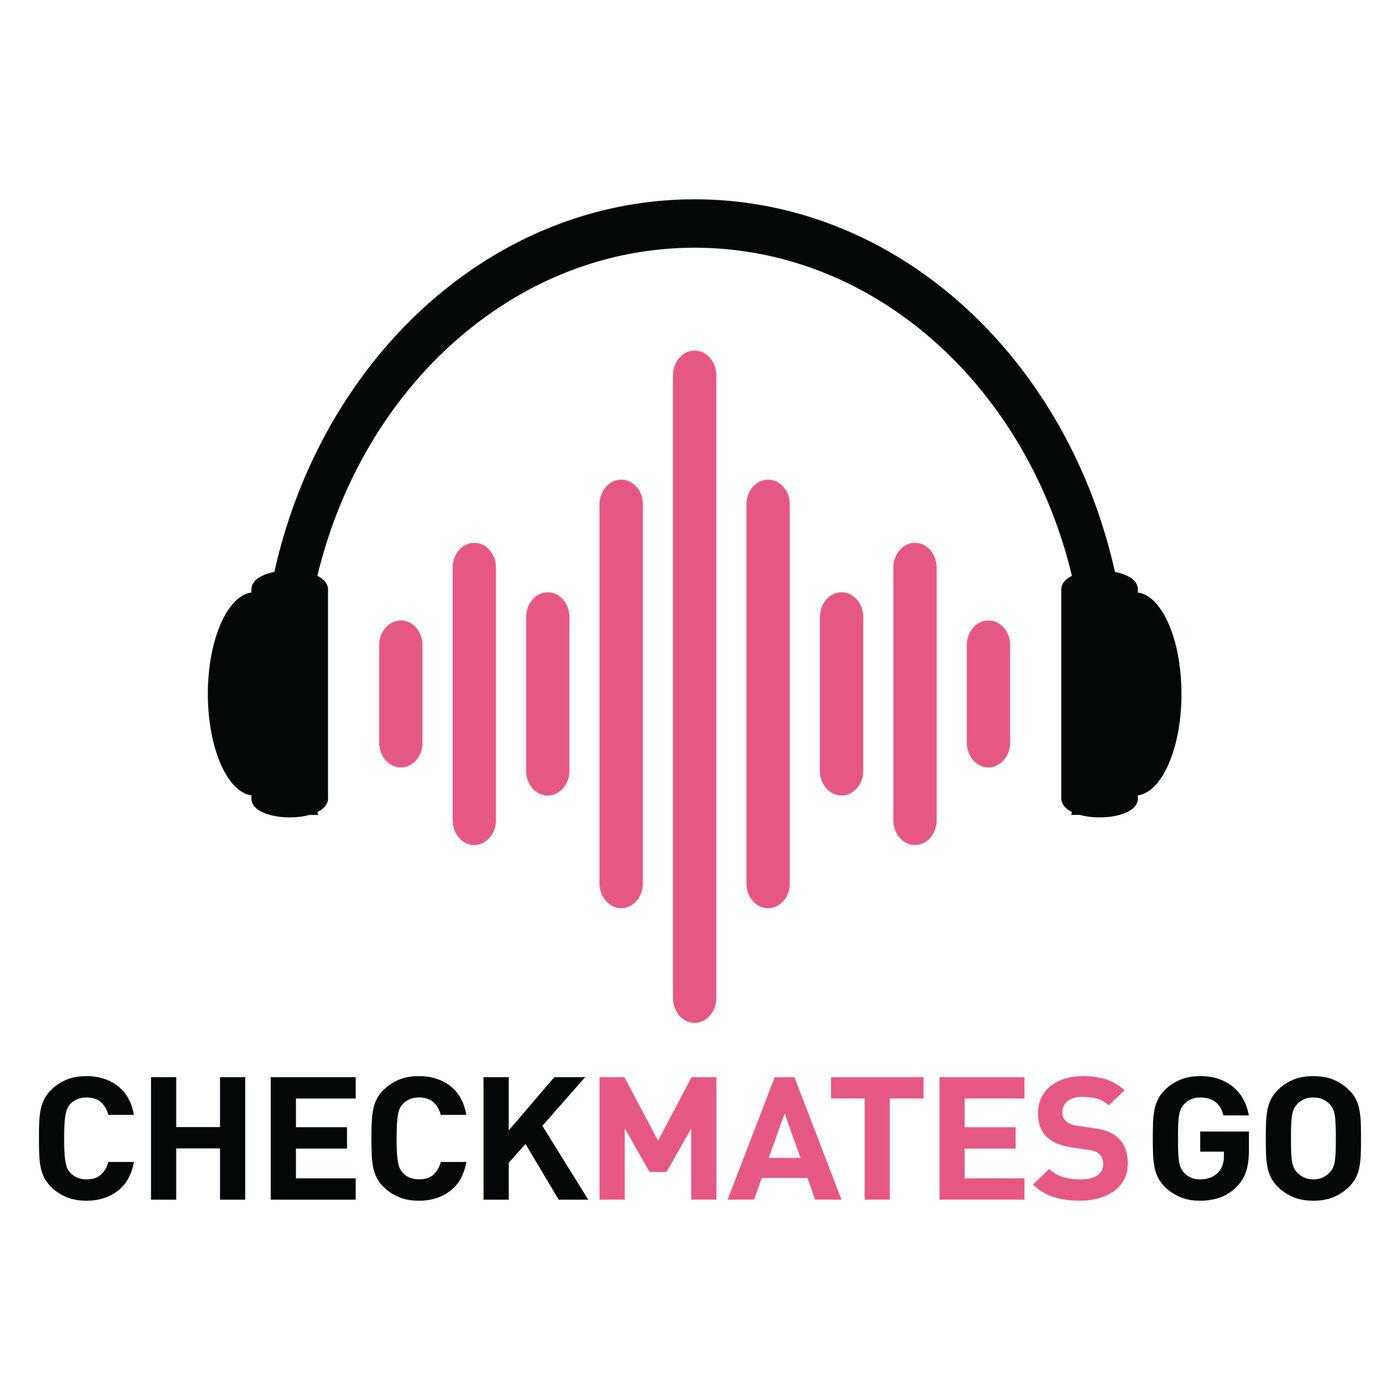 S03E08: CloudMates, Toolbox, and TechTalks, Oh My!